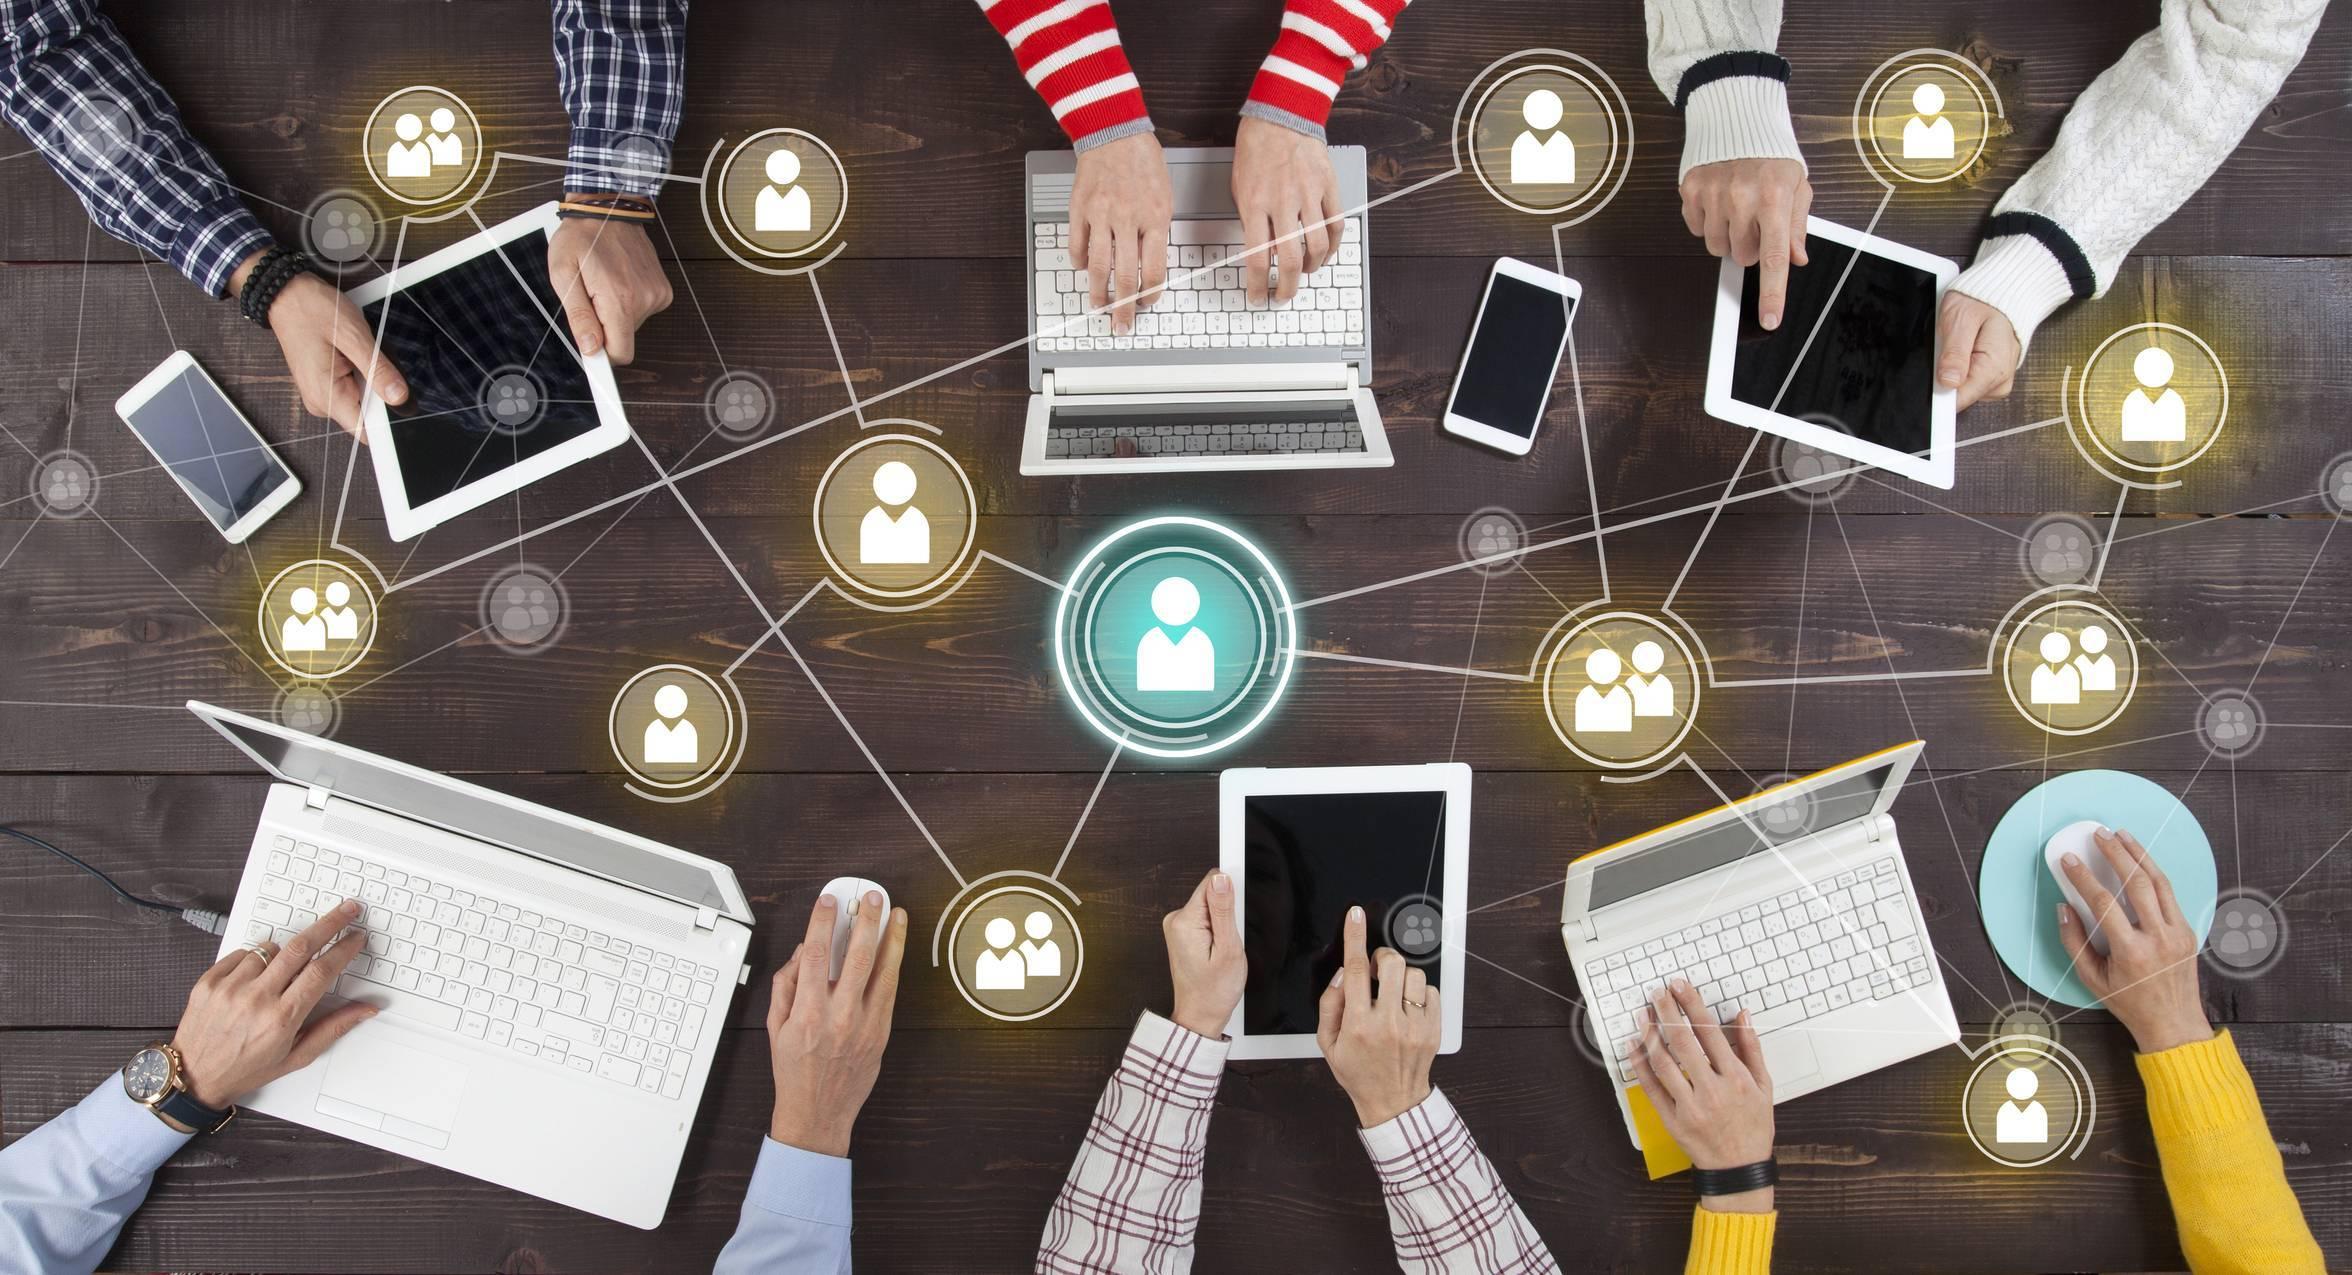 Faire appel à une entreprise de sous-traitance informatique : quels avantages ?